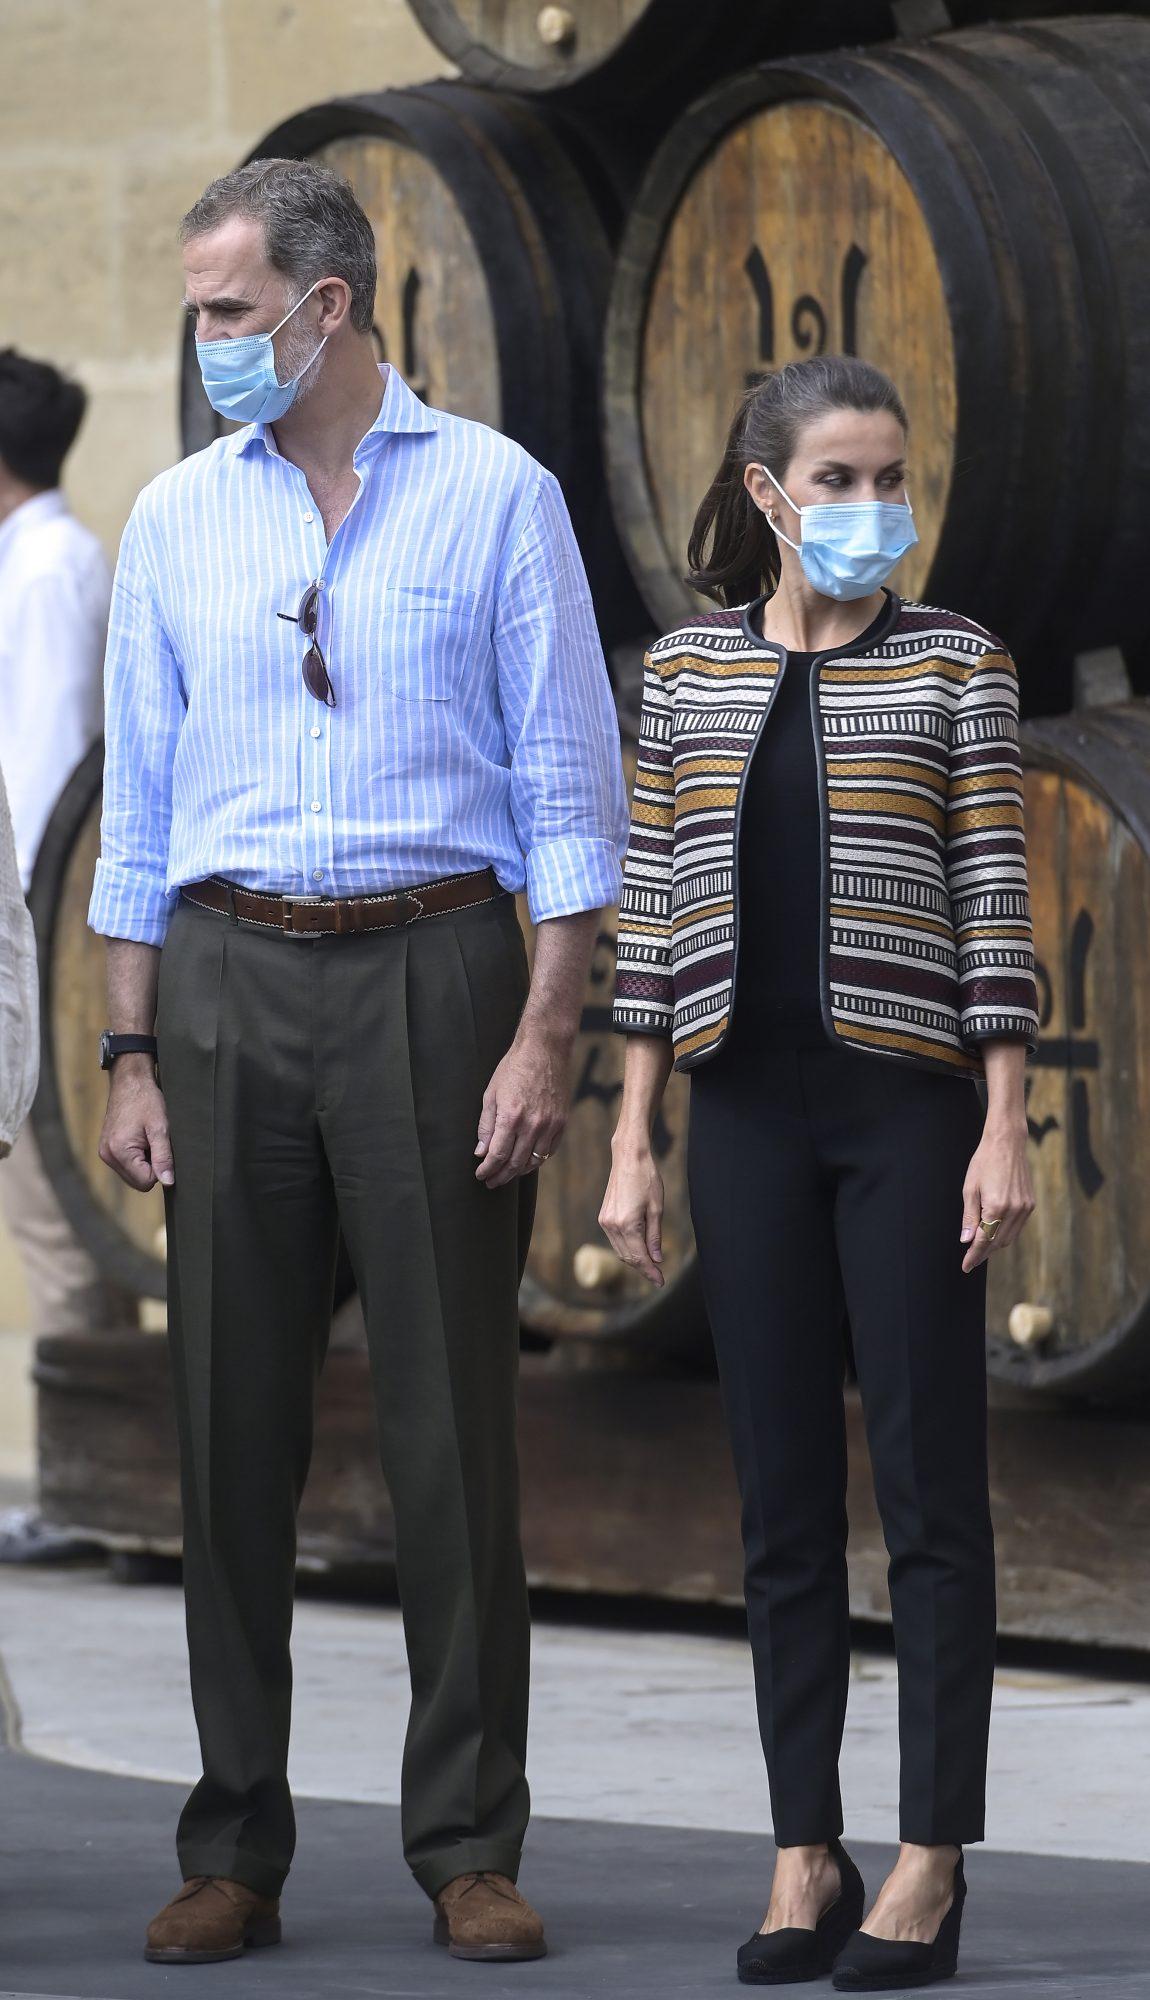 ¿Tienes que volver a la oficina? Cópiale este look smart casual que escogió para visitar unas bodegas en La Rioja, con chaqueta de mangas tres cuartos y pantalones tobilleros.